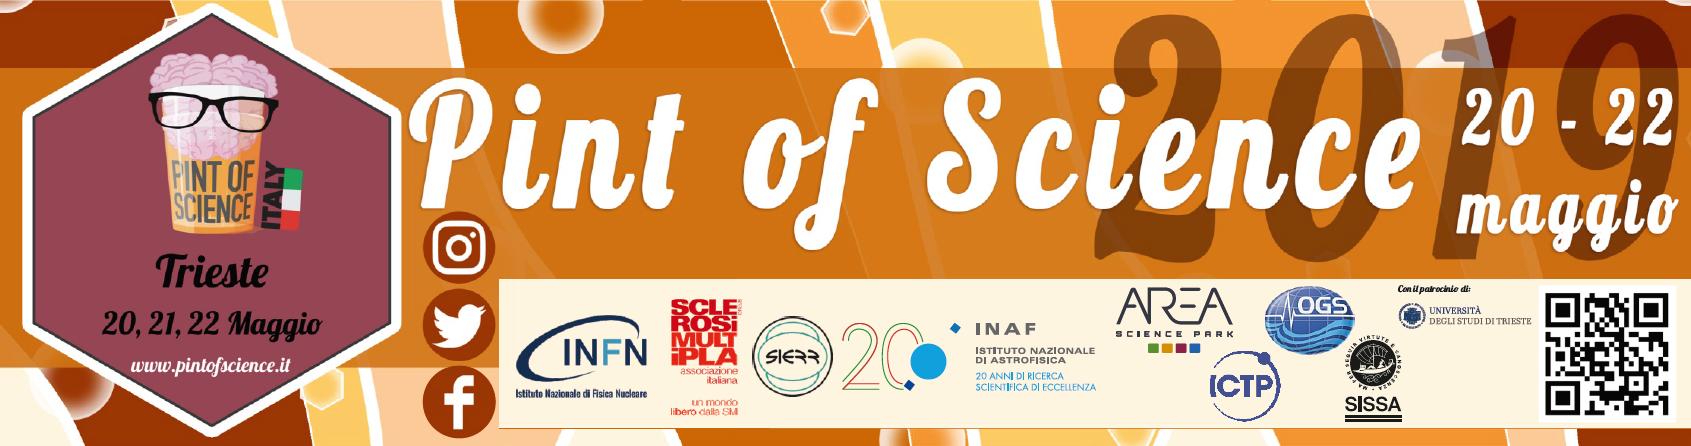 Pint of Science 2019: la scienza alla spina di tutti torna a Trieste!